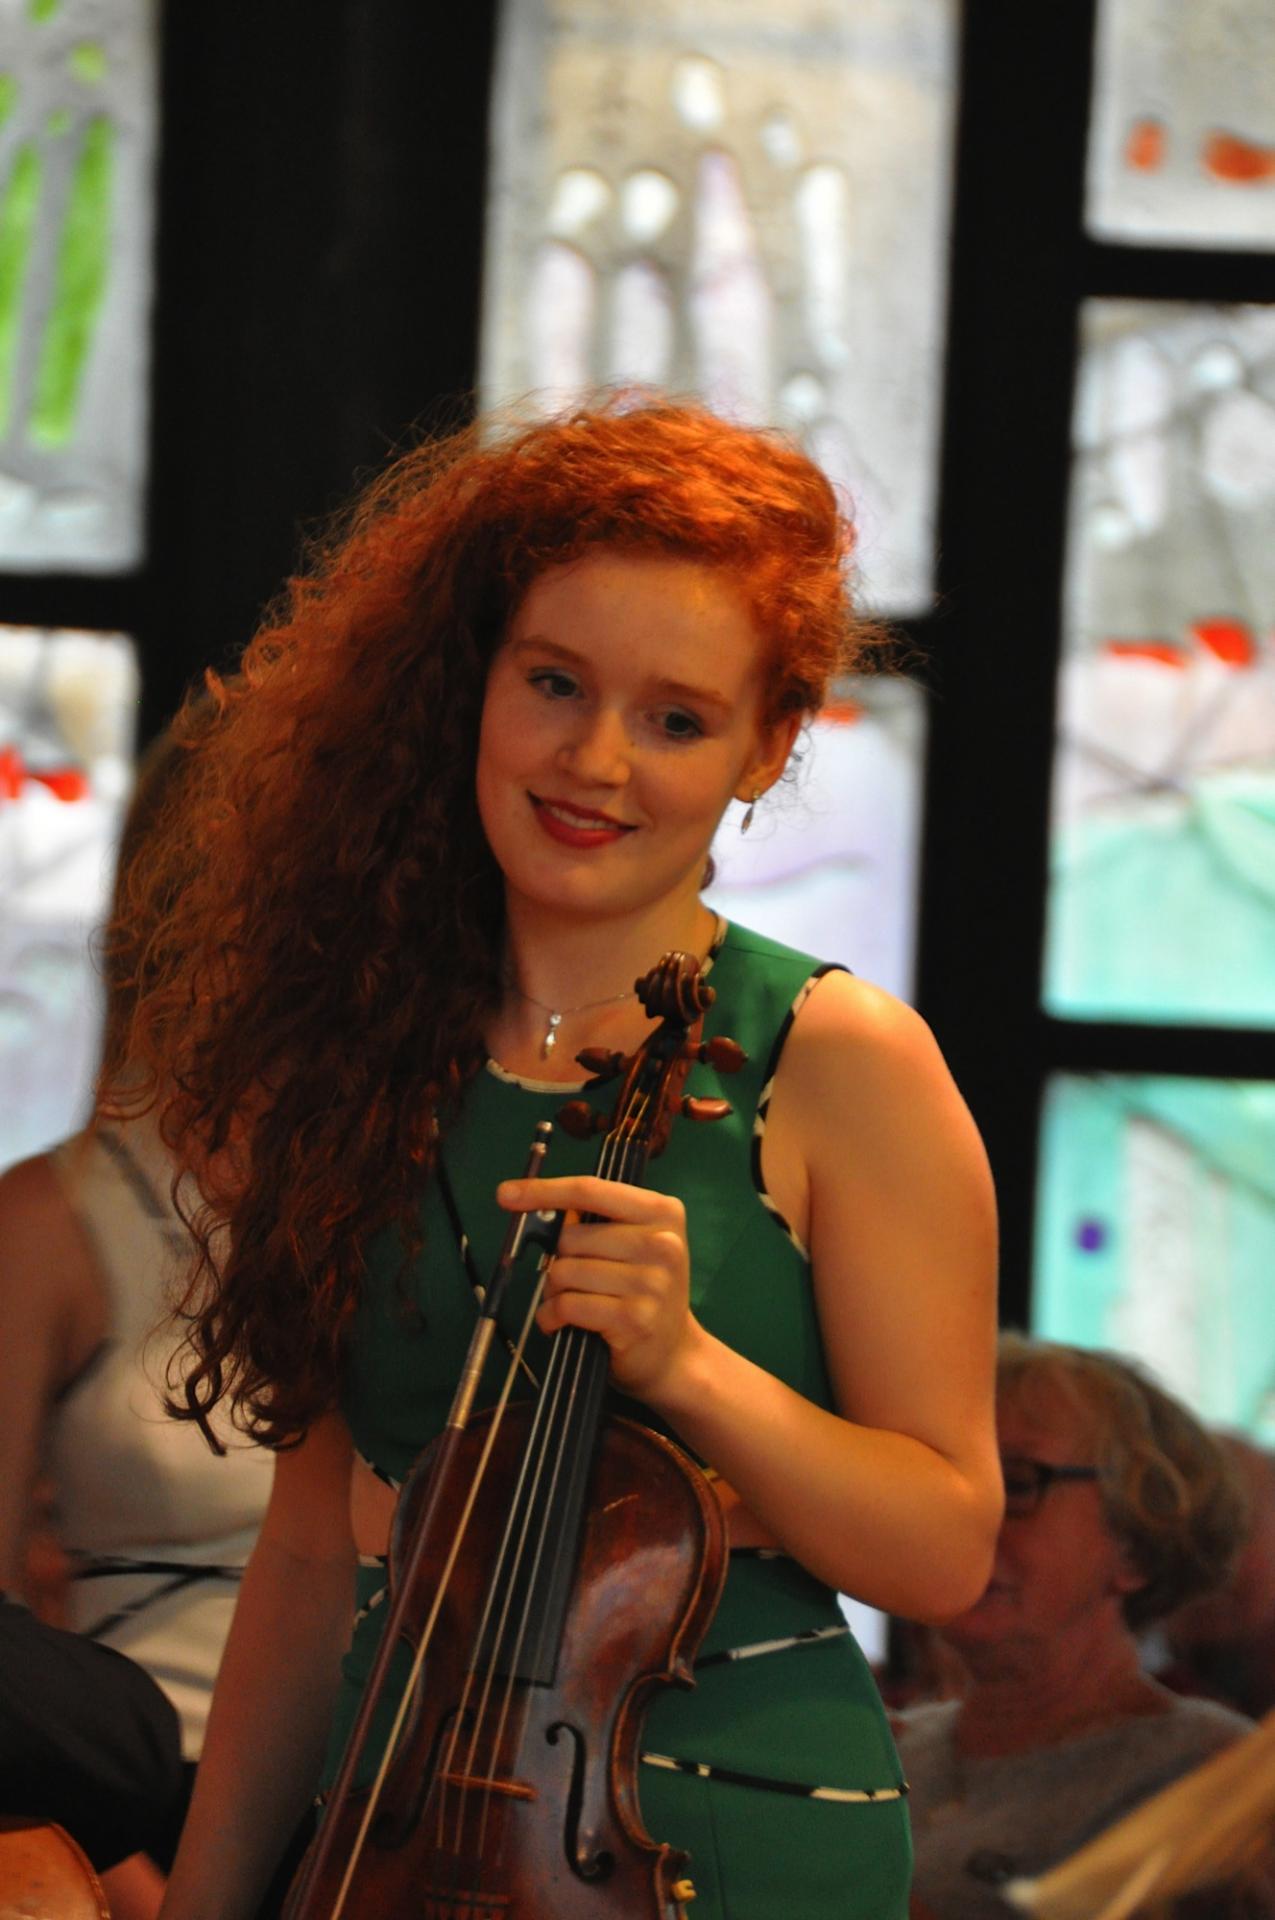 Camille et son violon 2015